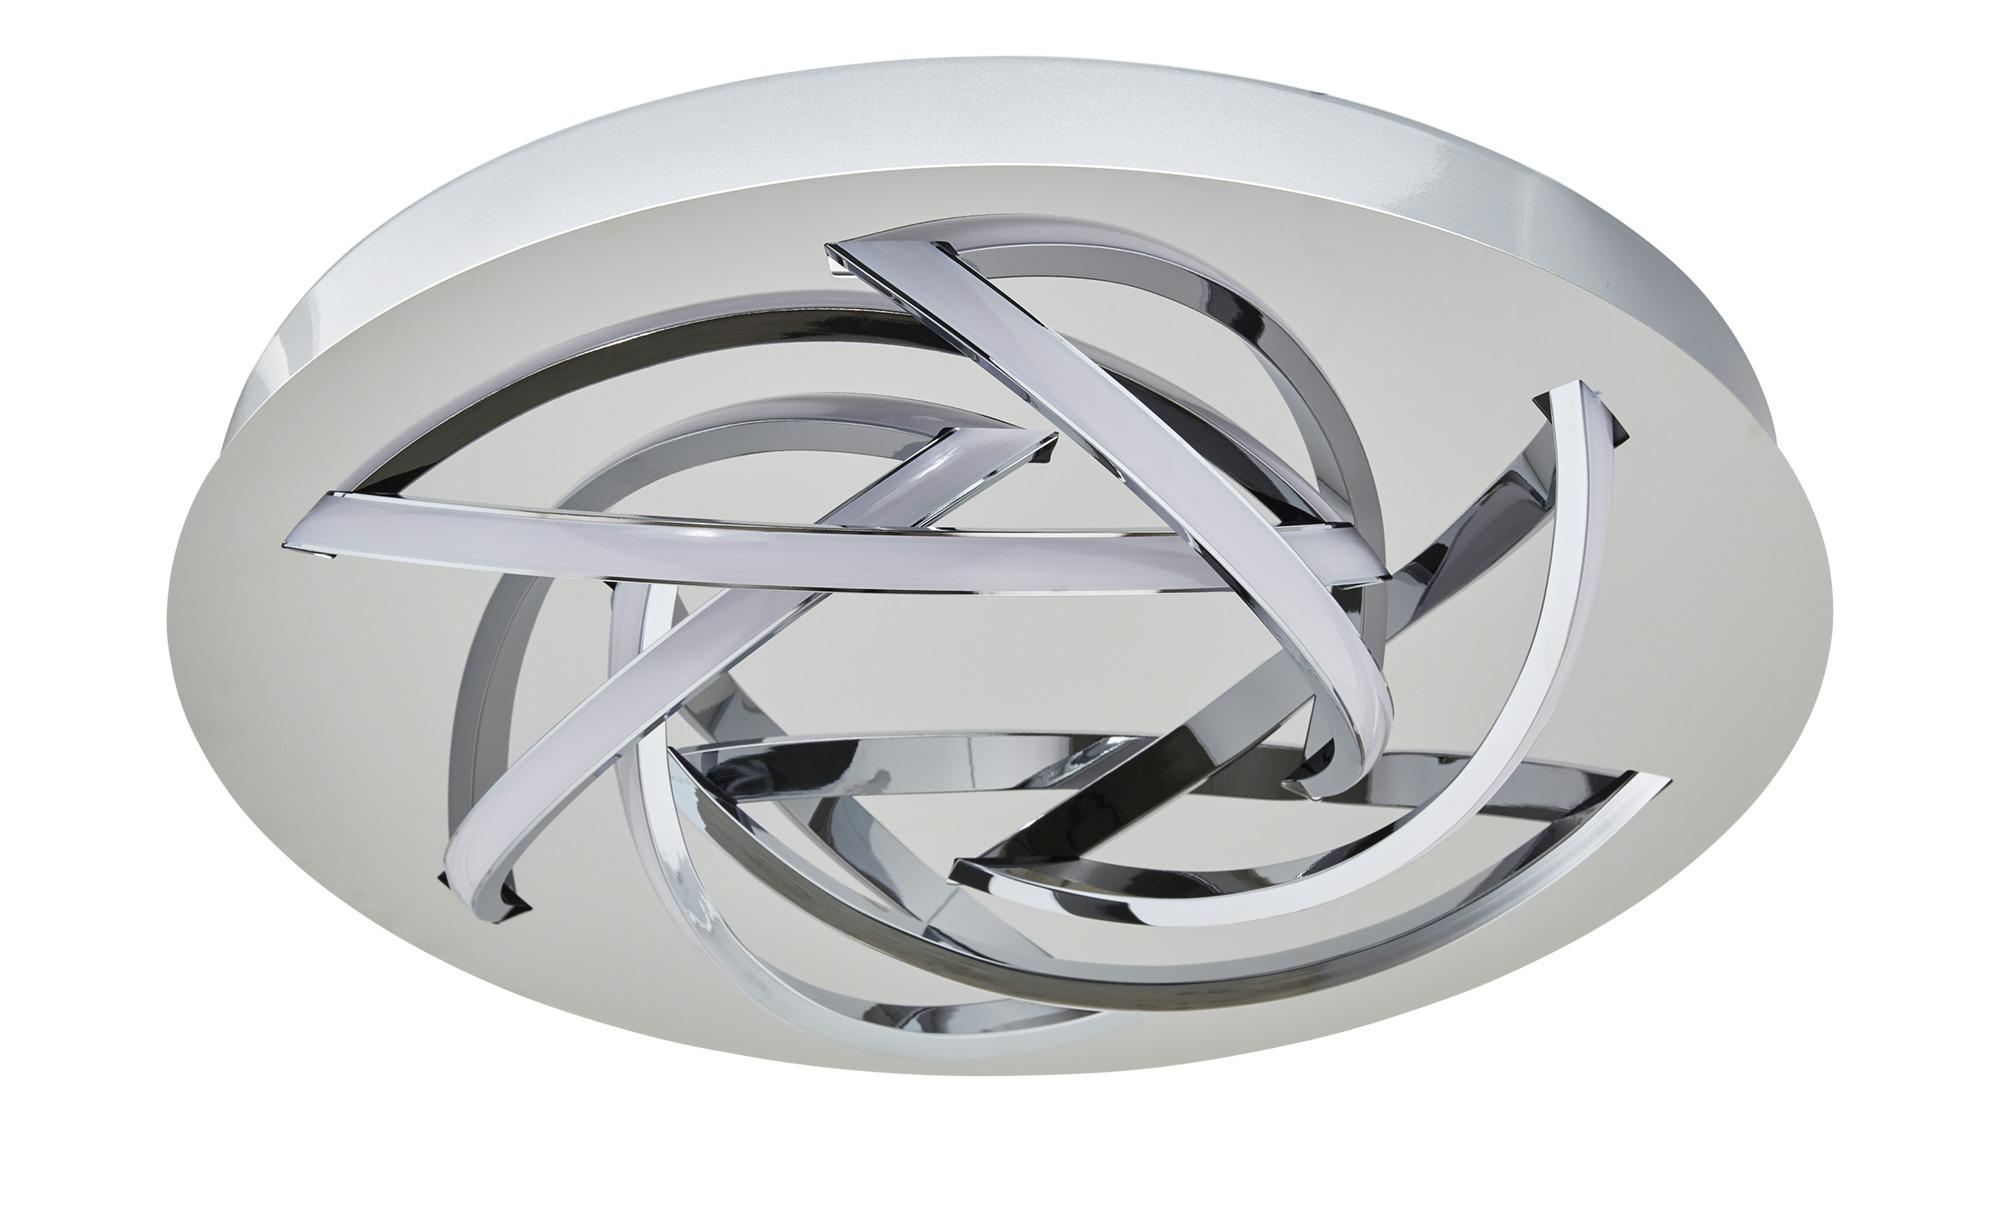 KHG LED-Deckenleuchte, 6-flammig chrom ¦ silber ¦ Maße (cm): H: 7,5 Ø: 40 Lampen & Leuchten > Innenleuchten > Deckenleuchten - Höffner